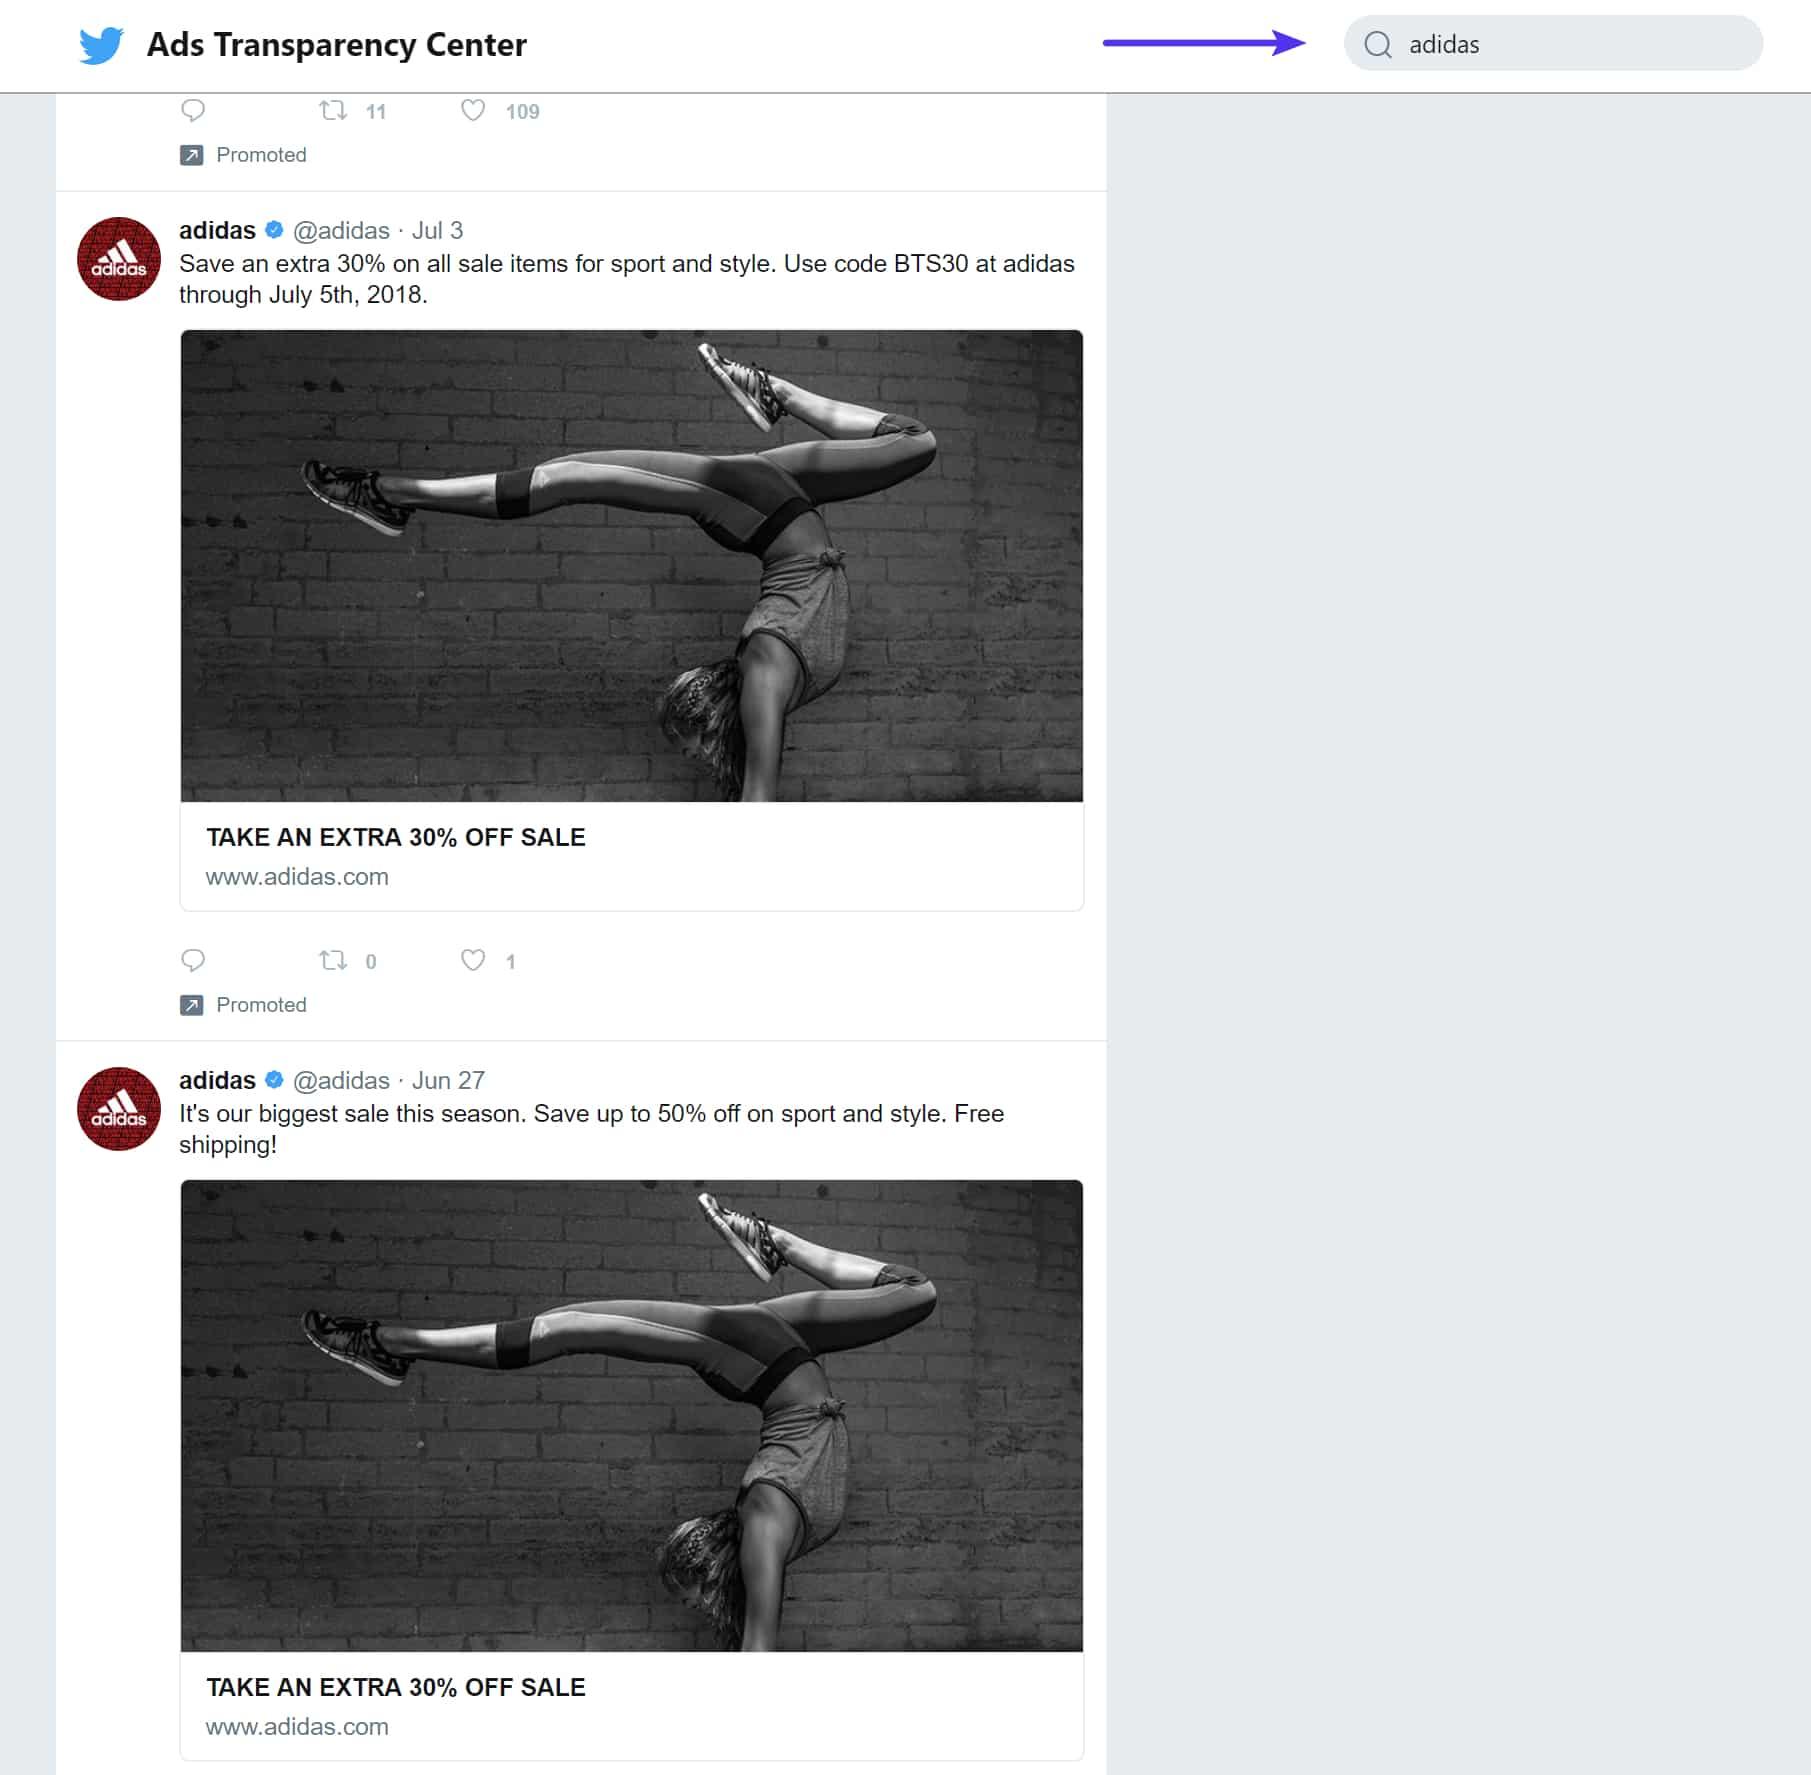 Ver os anúncios do concorrente no Twitter